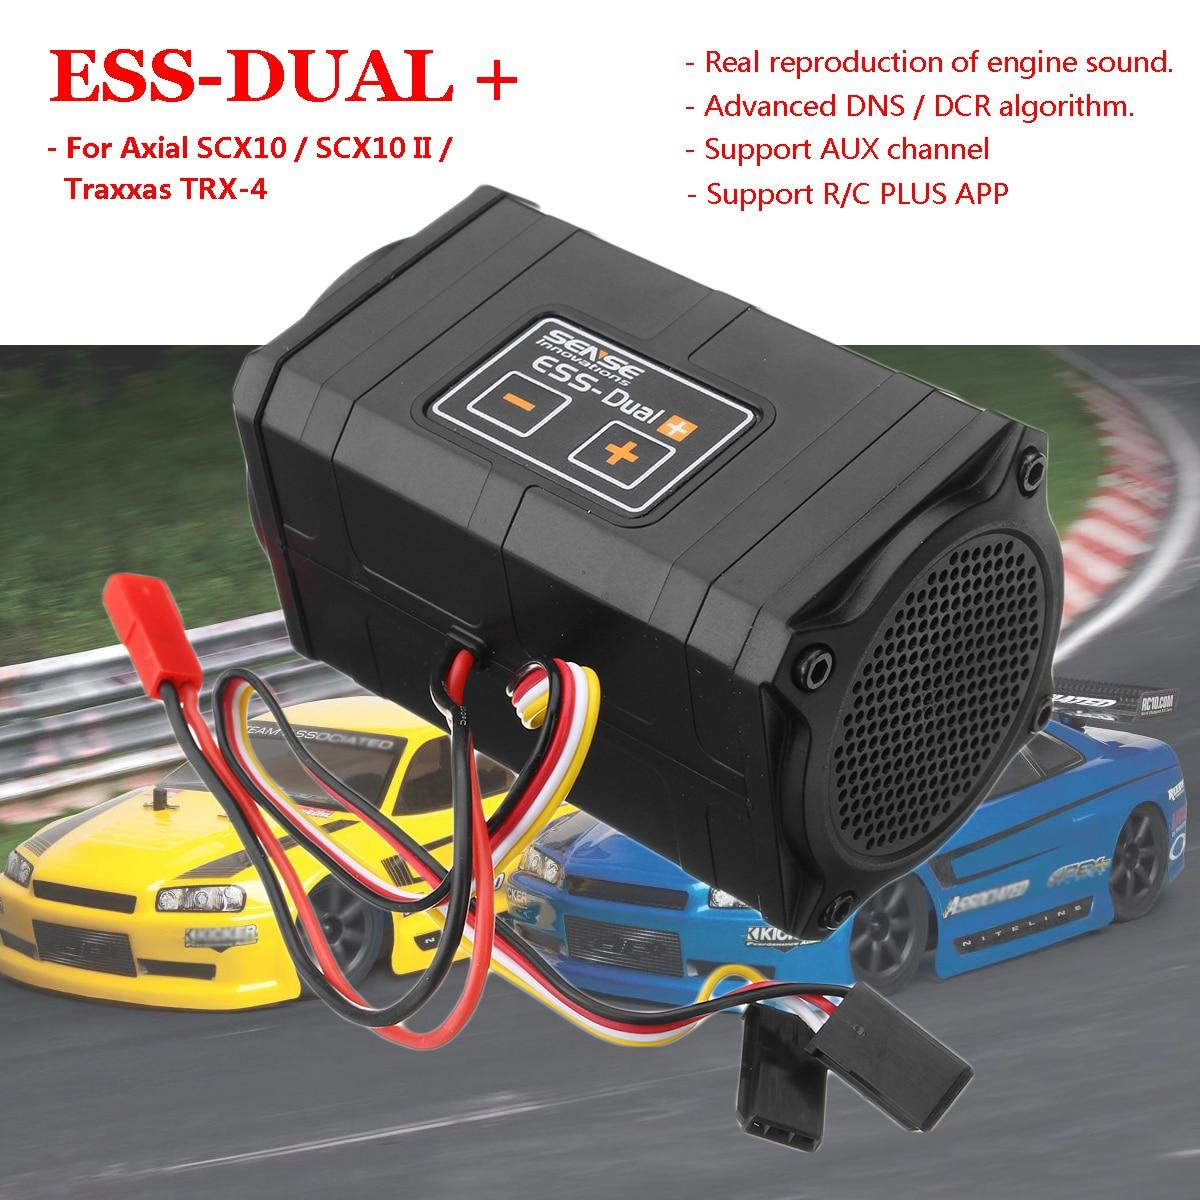 Pour Axial SCX10 II TRX-4 Pièces & Accs Sens Innovations DOUBLE Moteur Plus Son Simulator RC/PLUS App Firmware mise à niveau